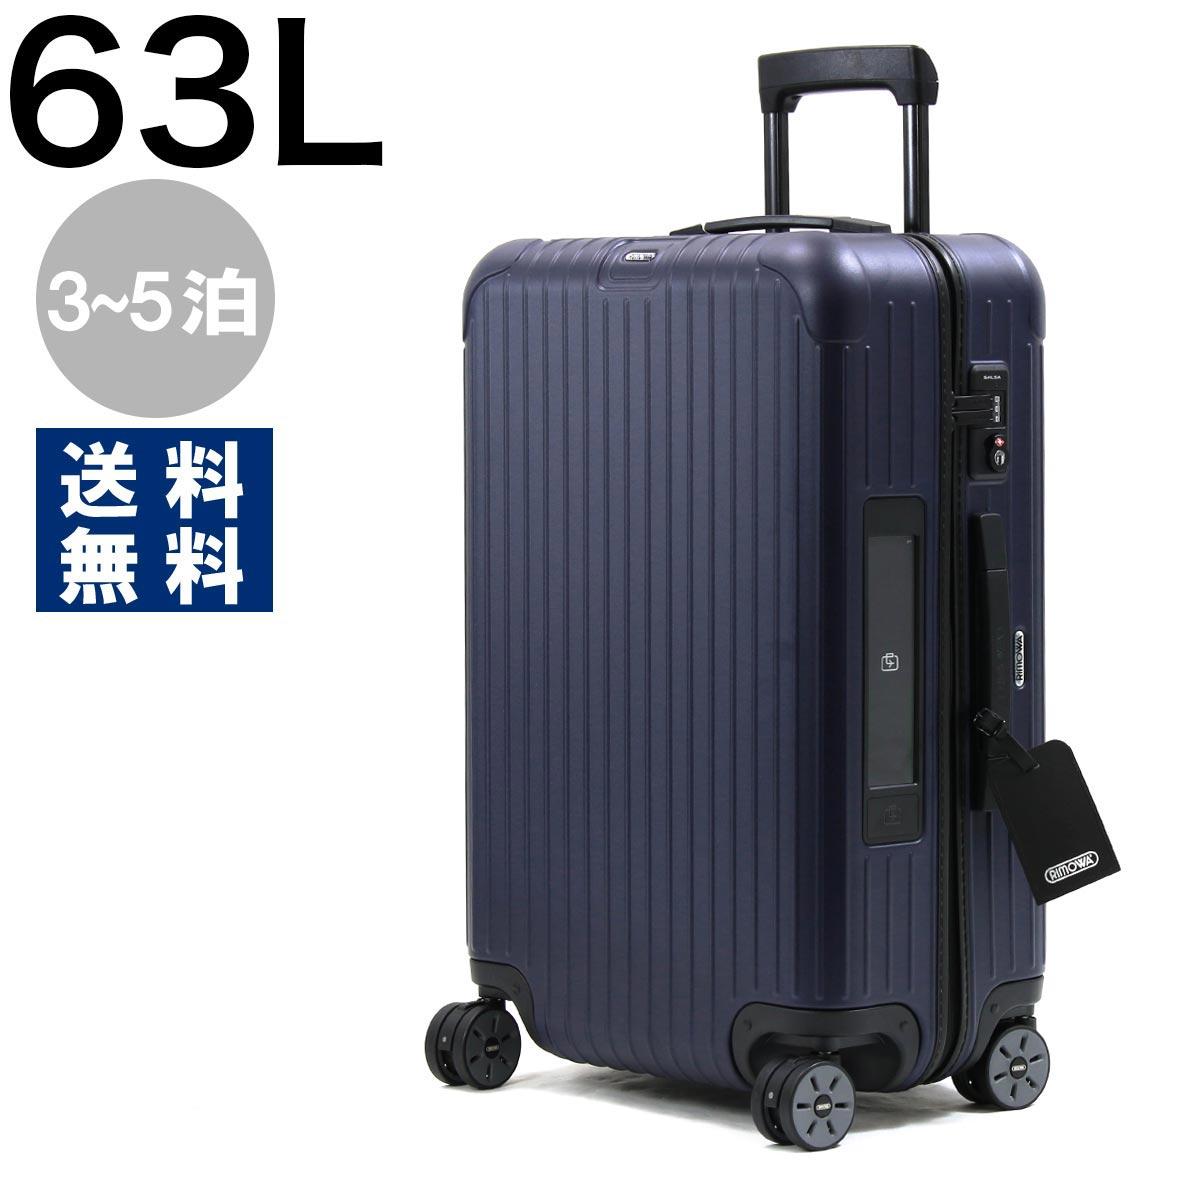 リモワ スーツケース/旅行用バッグ バッグ メンズ レディース サルサ ELECTRONIC TAG 63L 3~5泊 ネイビーブルー 811.63.39.5 RIMOWA